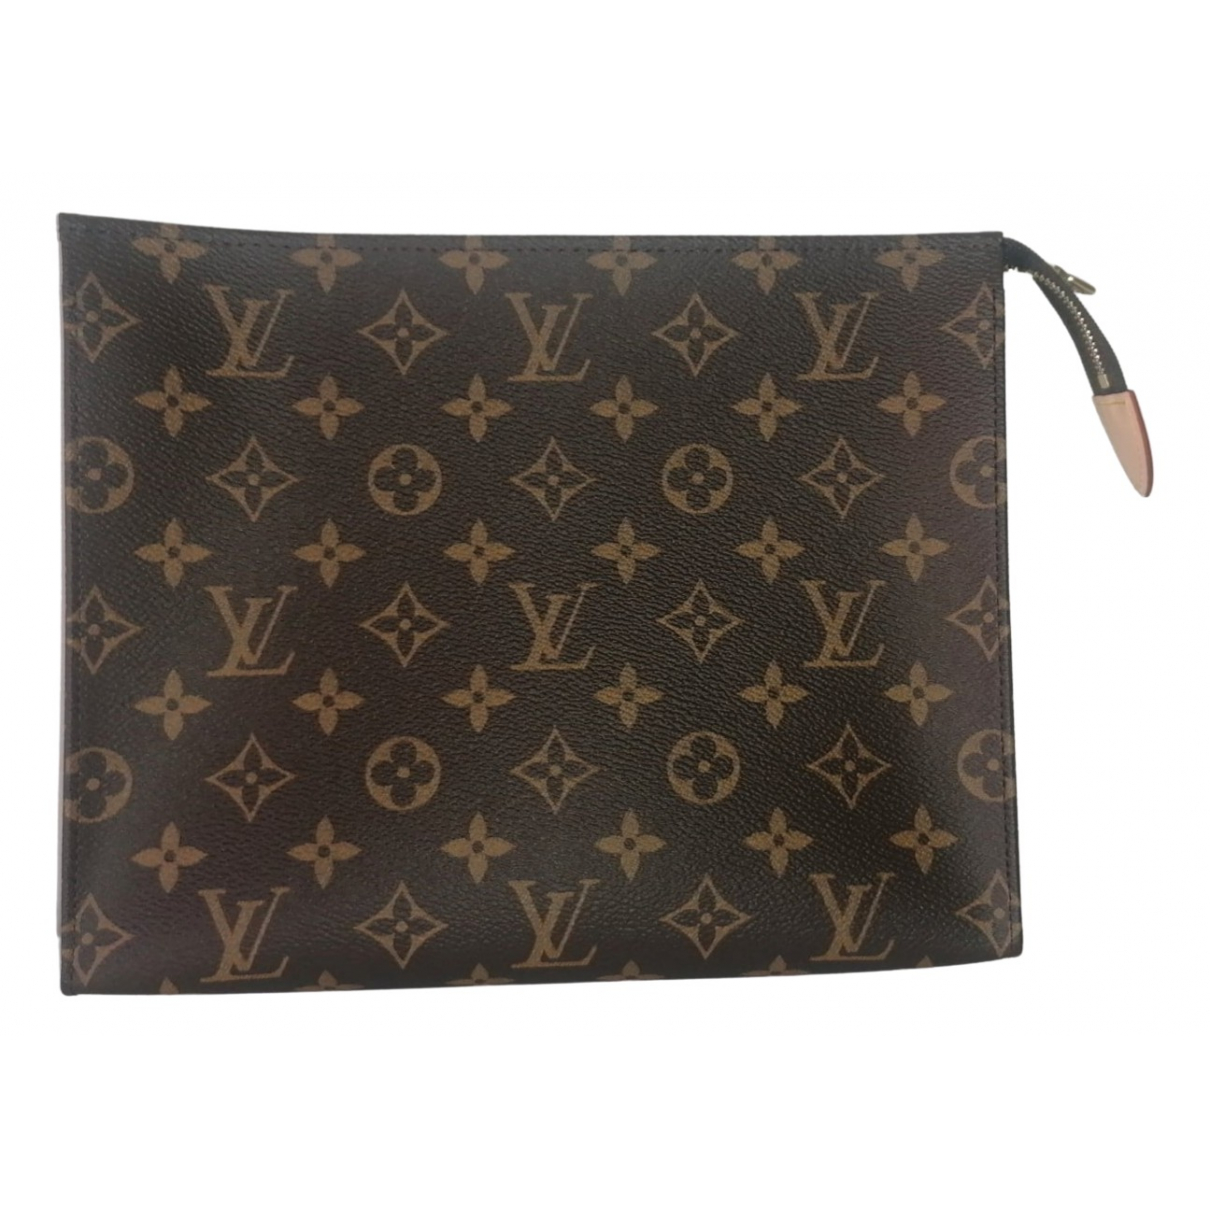 Louis Vuitton - Sac de voyage Poche toilette pour femme en toile - marron